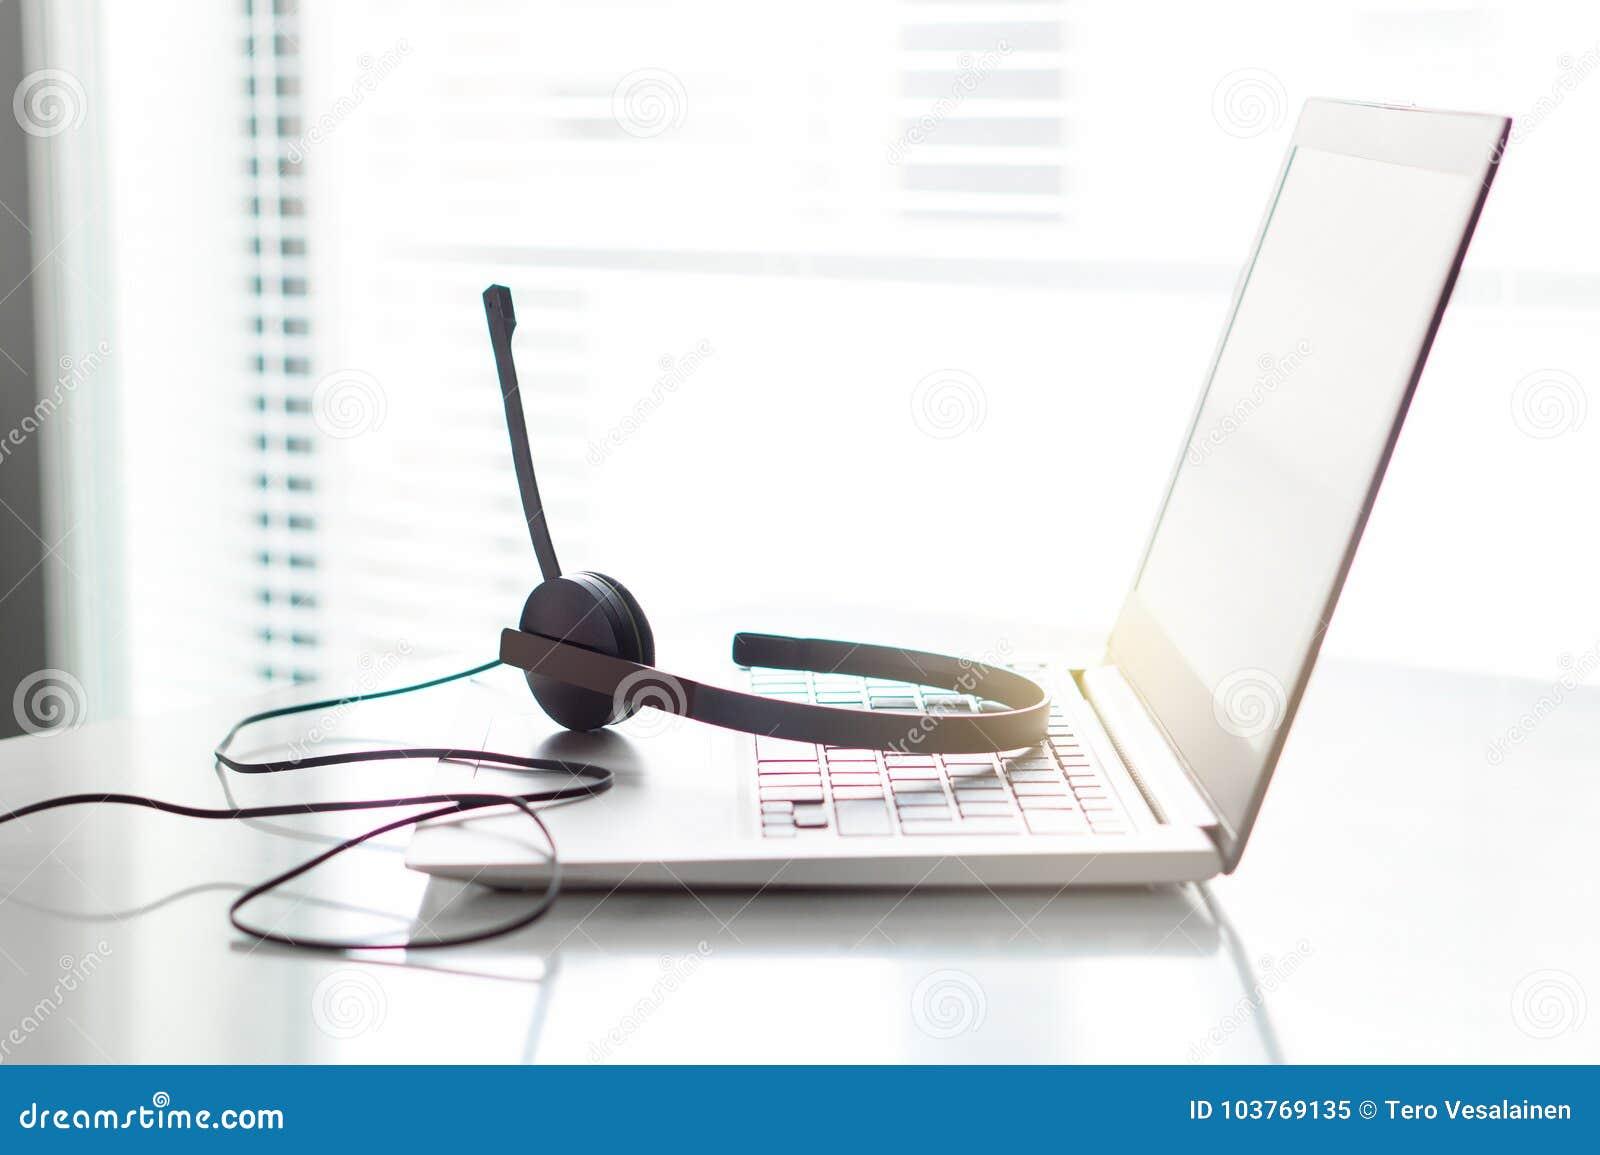 询问台、顾客服务、支持热线或者电话中心